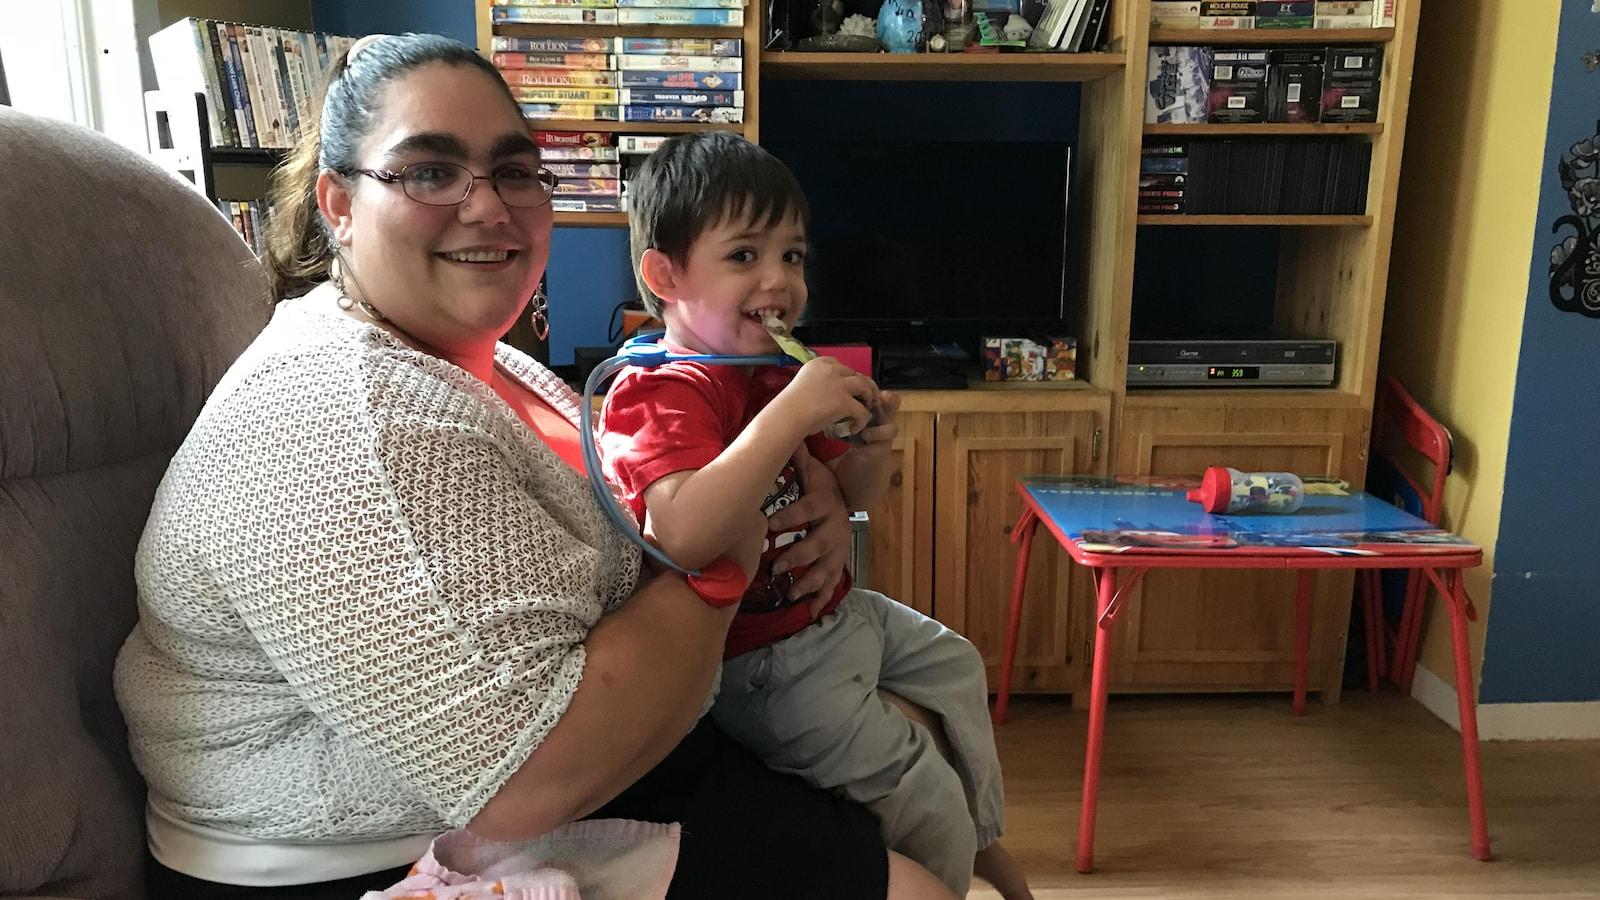 Jessika Labrecque s'occupe seule de ses deux enfants. On la voit ici avec son plus fils, Kaysen.